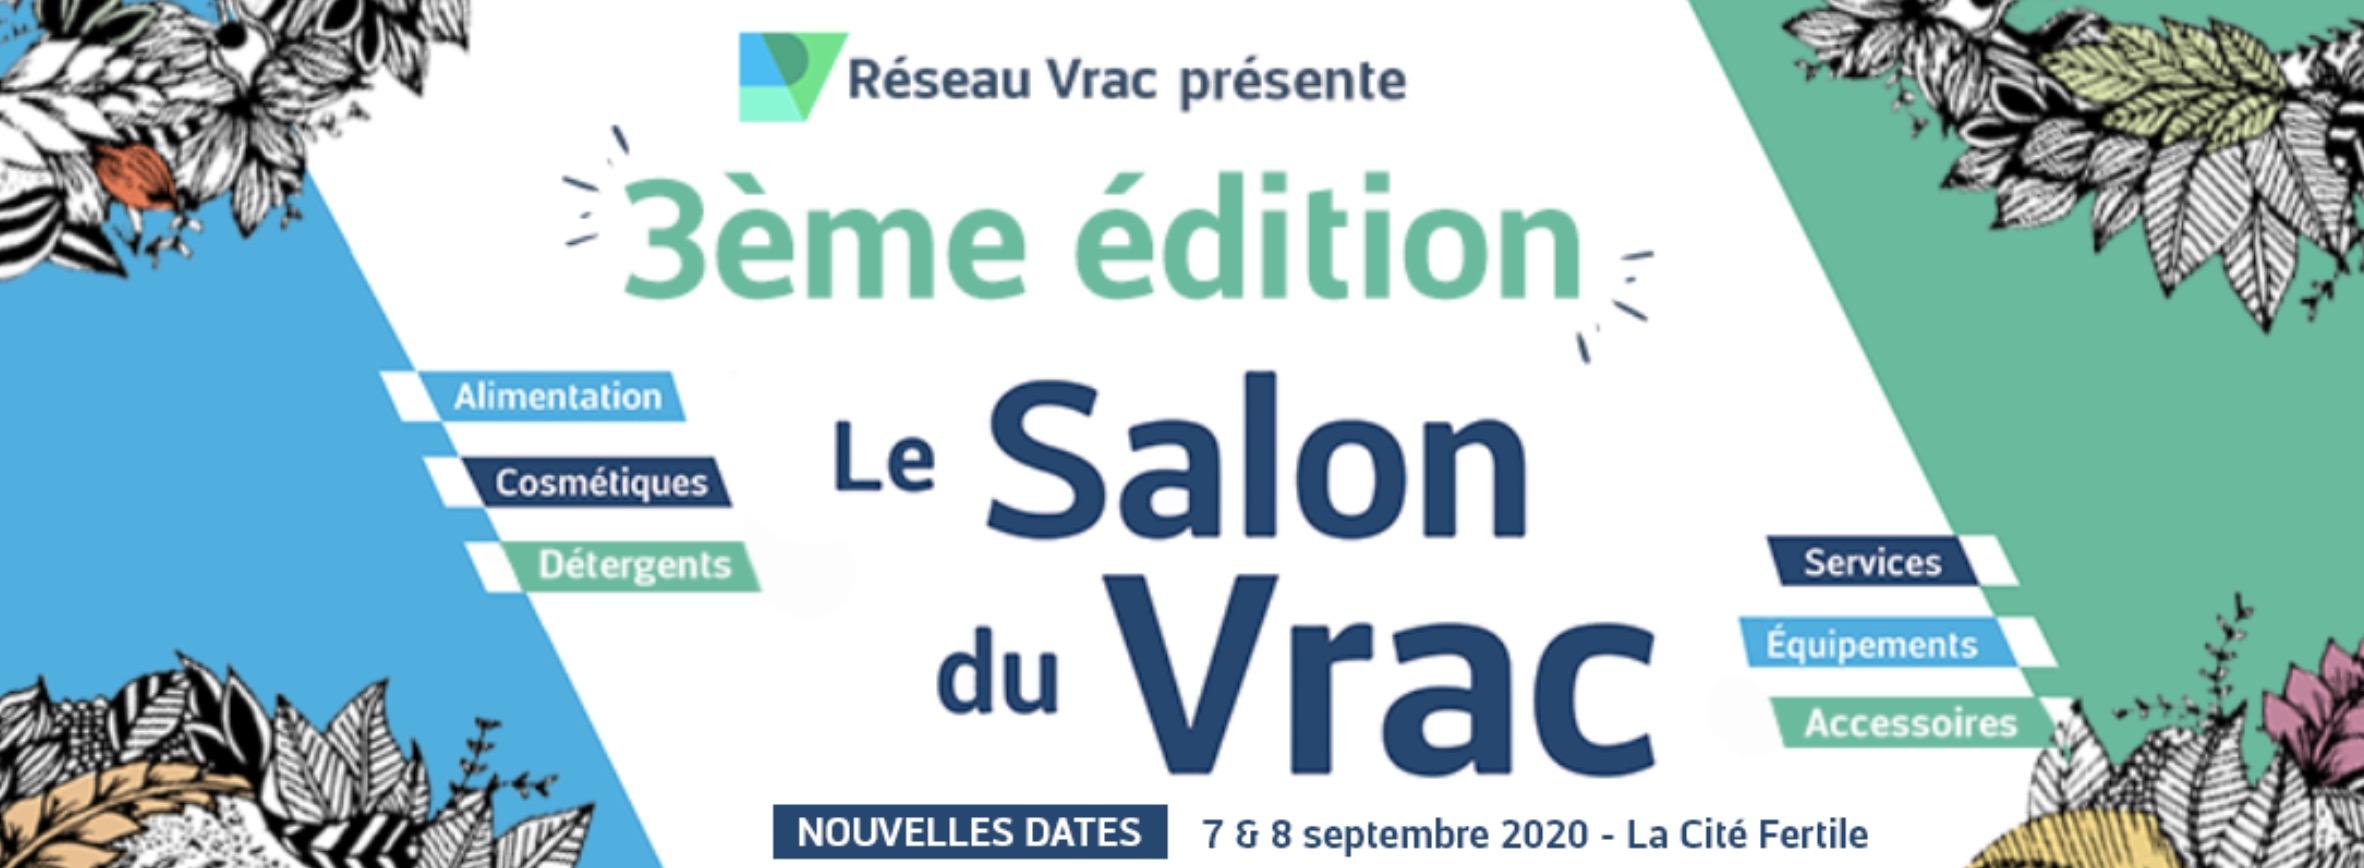 Capture decran 2020 08 25 a 11.52.07 - Le Salon du Vrac, le salon des professionnels du vrac